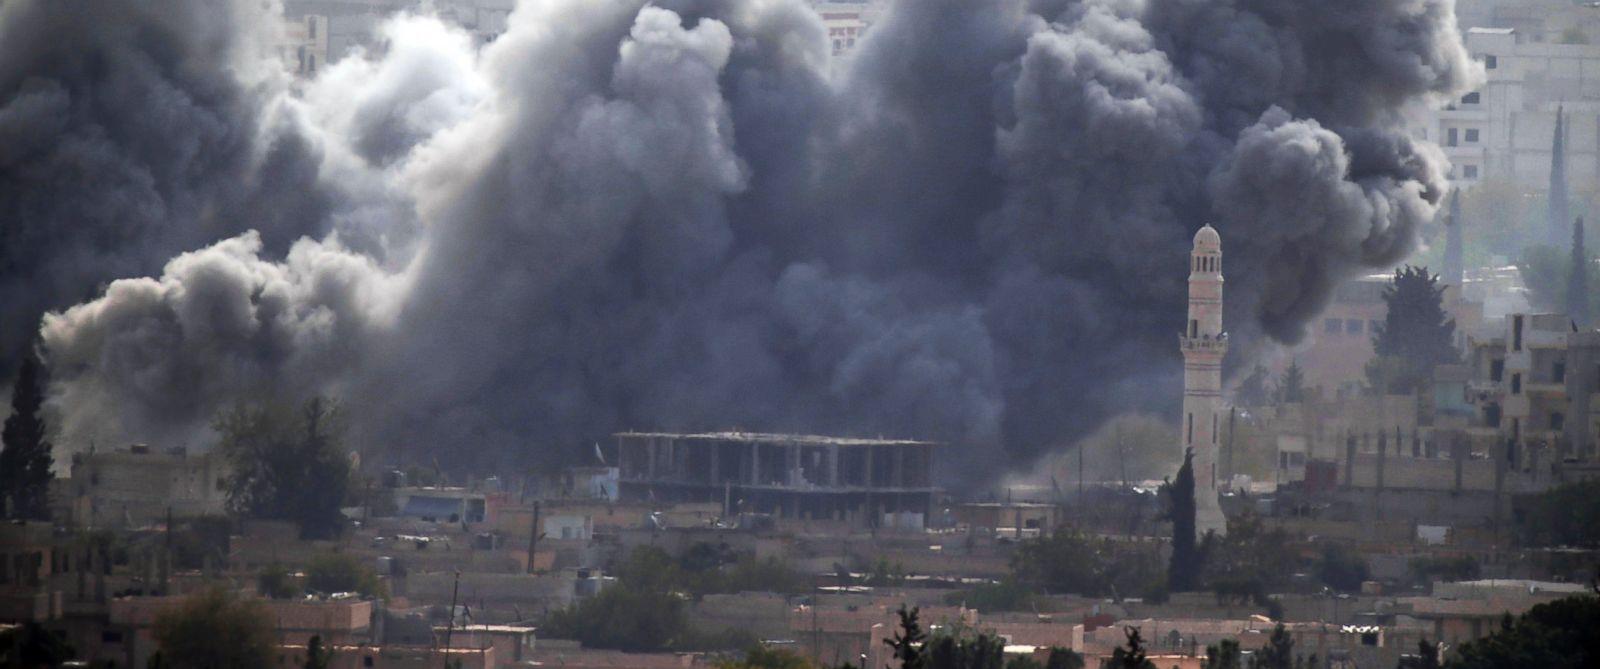 ABD, Irak ve Suriye'de 119 sivili vurdu